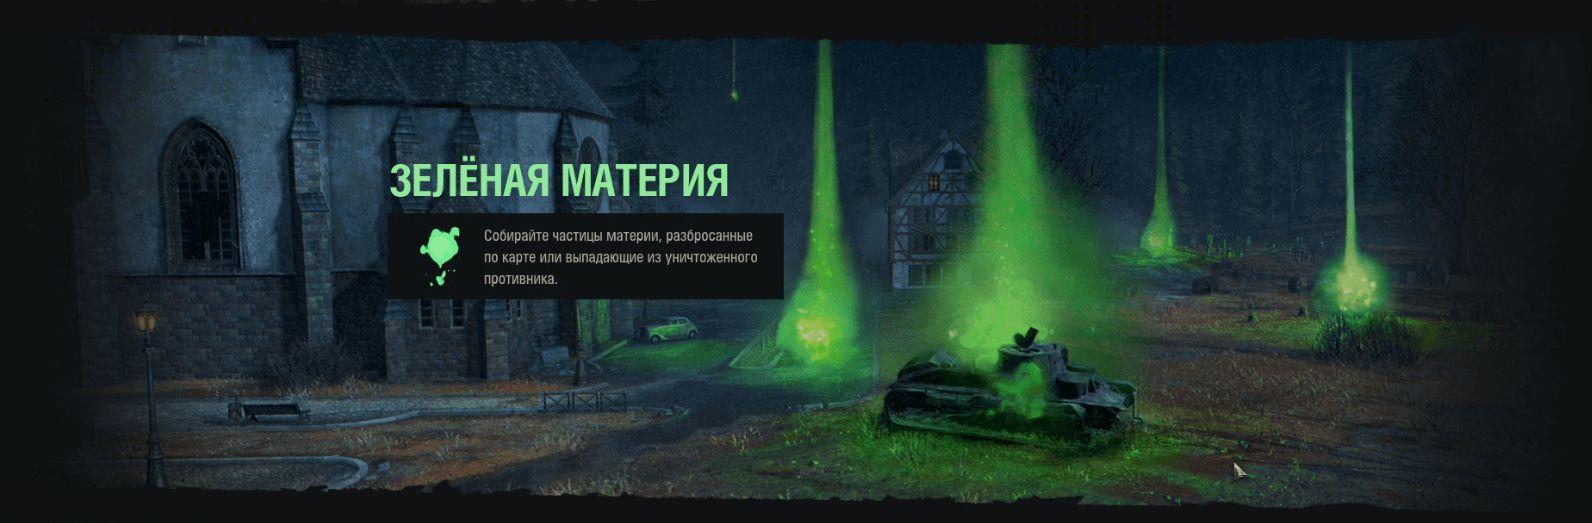 Зелёная материя исцеляет